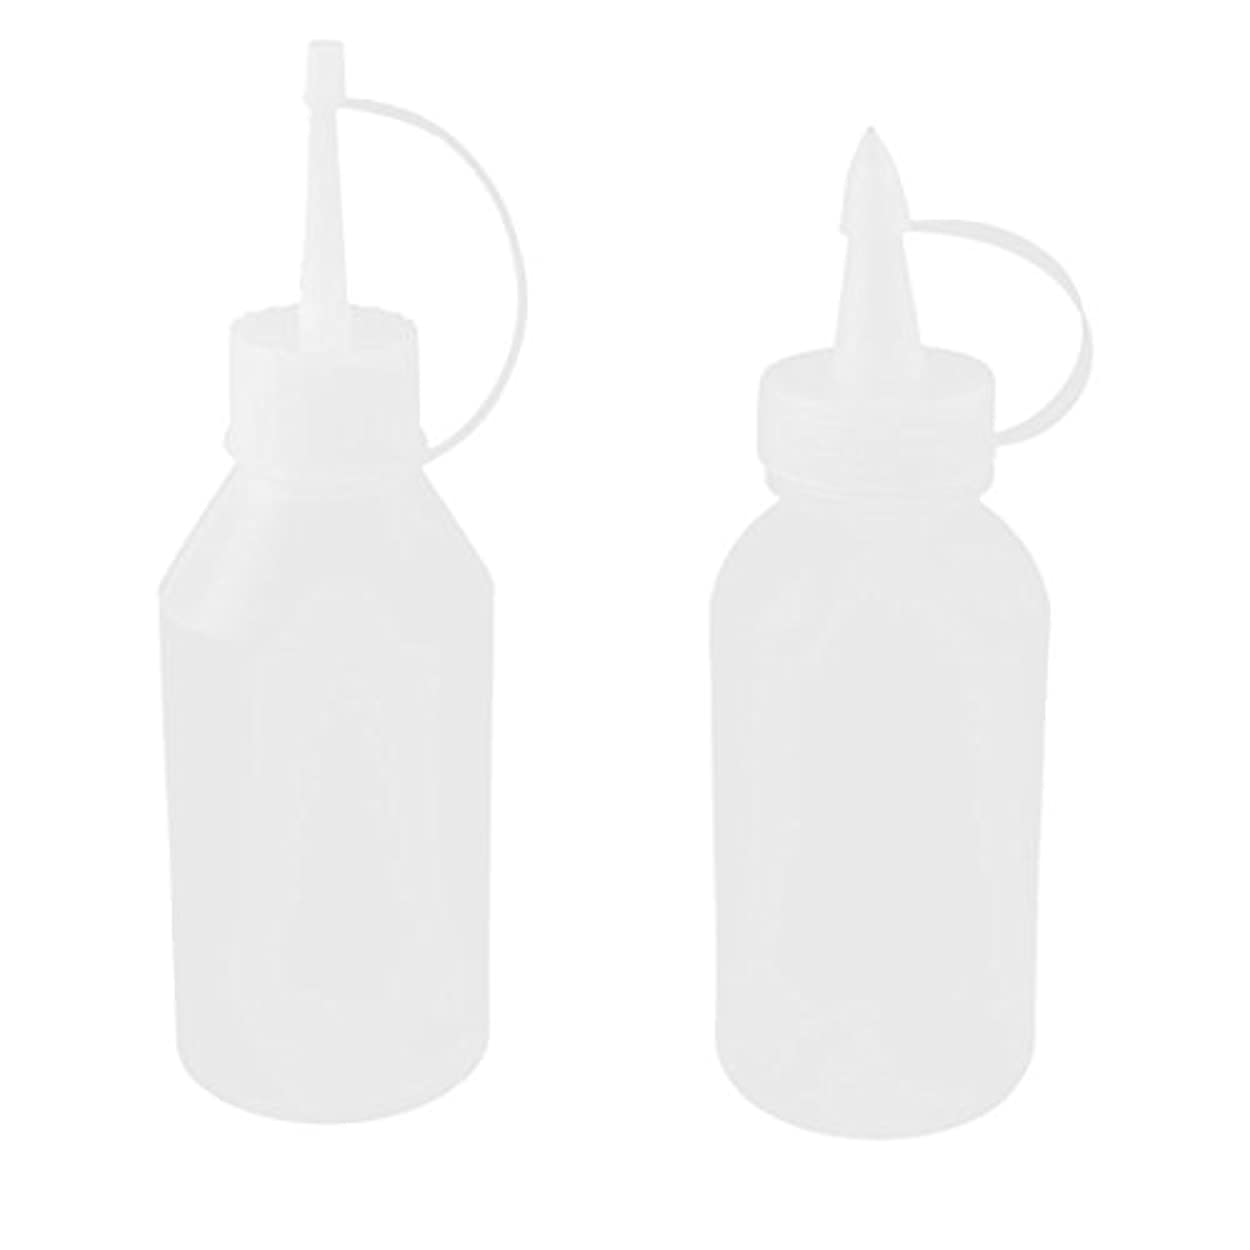 パプアニューギニア関連するuxcell オイルボトル 油差し プラスチック 100ml ホワイト クリア 2個